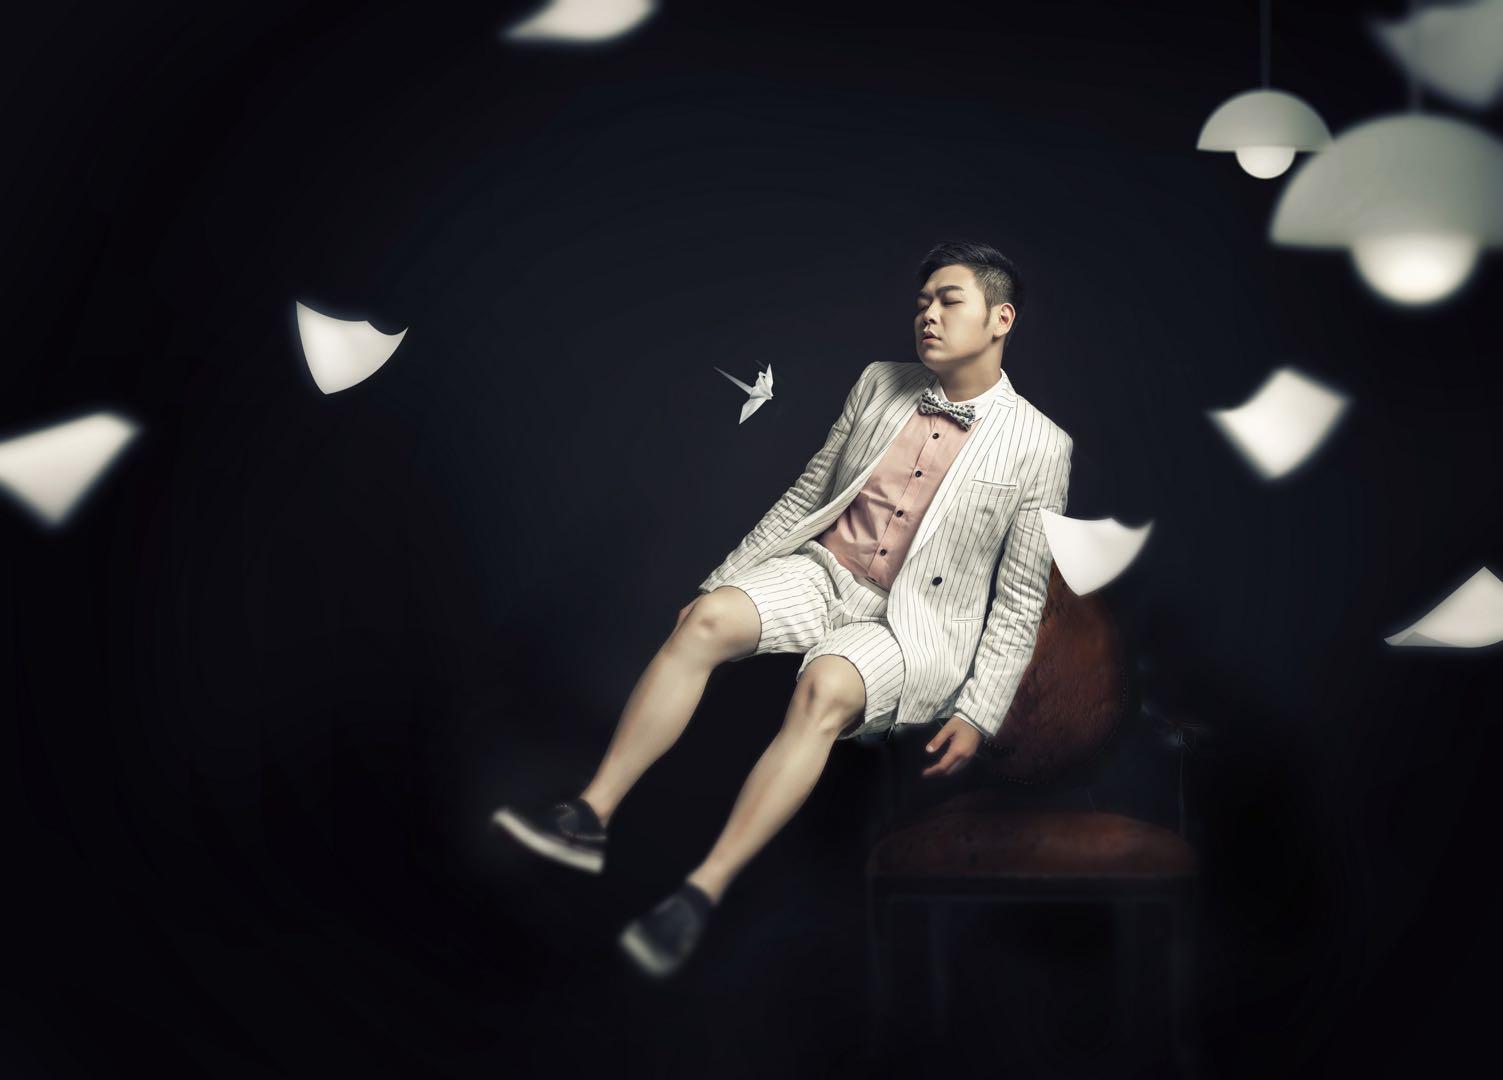 陈俊彤最新单曲《落幕》正式上线 以诉说式情歌自我治愈